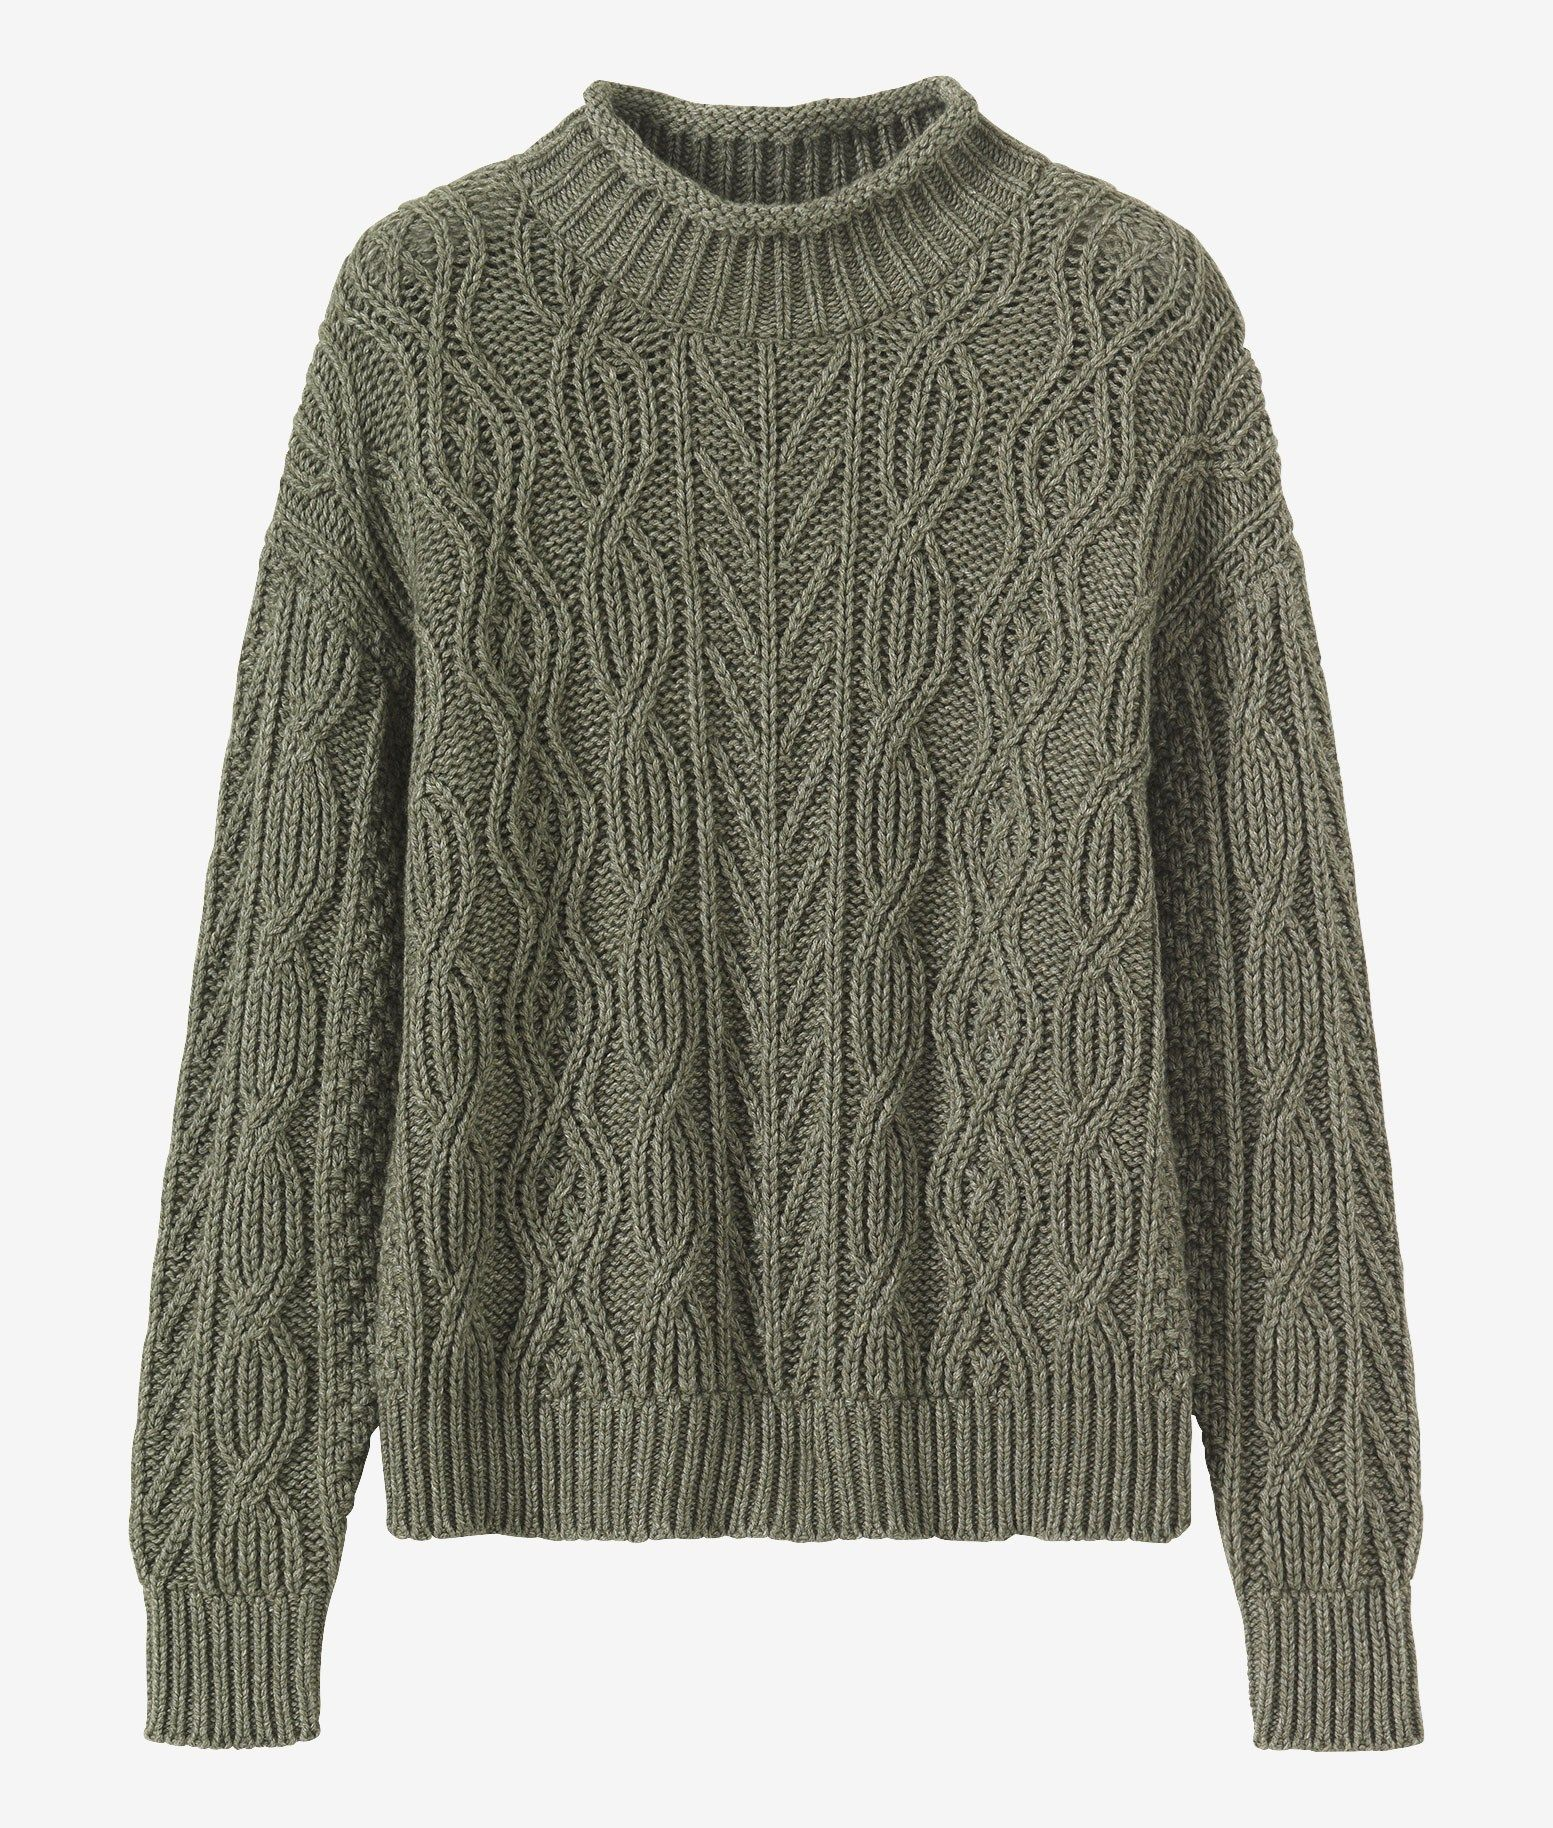 TOAST | Aran Lambswool & Cotton Sweater | Wear | Pinterest ...